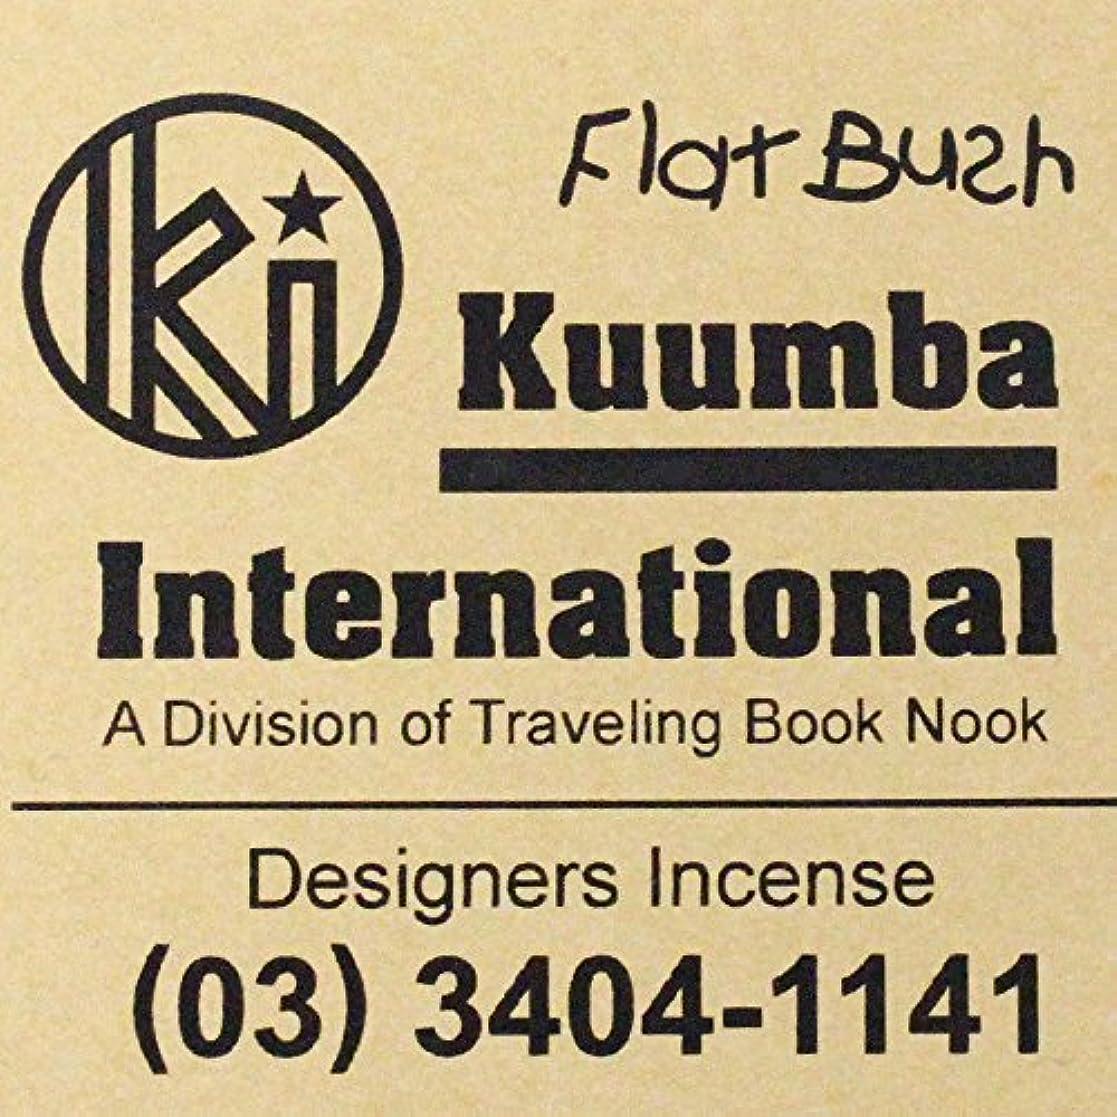 専制慣性やさしく(クンバ) KUUMBA『incense』(Flat Bush) (Regular size)